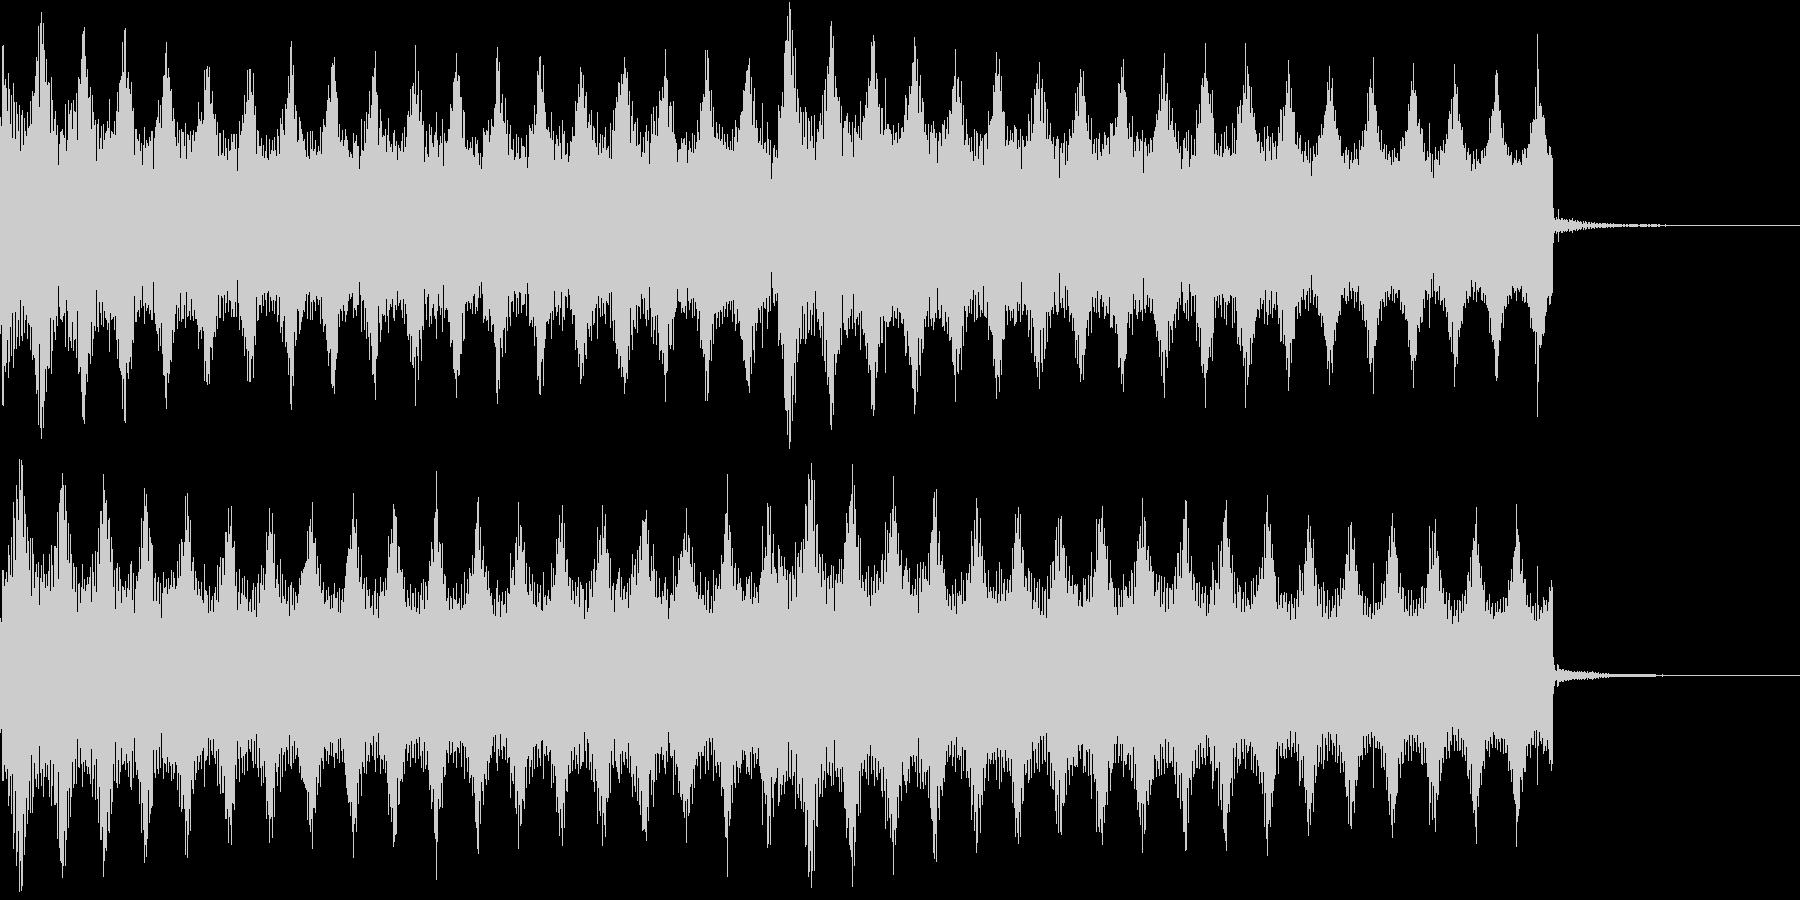 モノレール 電車 ゴーゴゴー!の未再生の波形